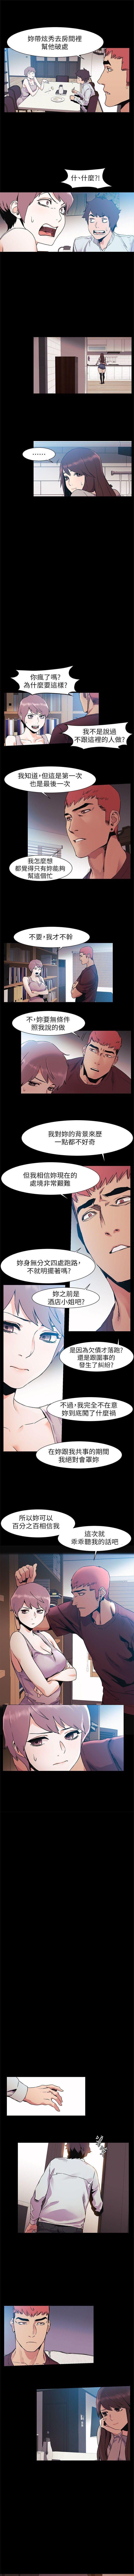 (週5)衝突 1-91 中文翻譯 (更新中) 195